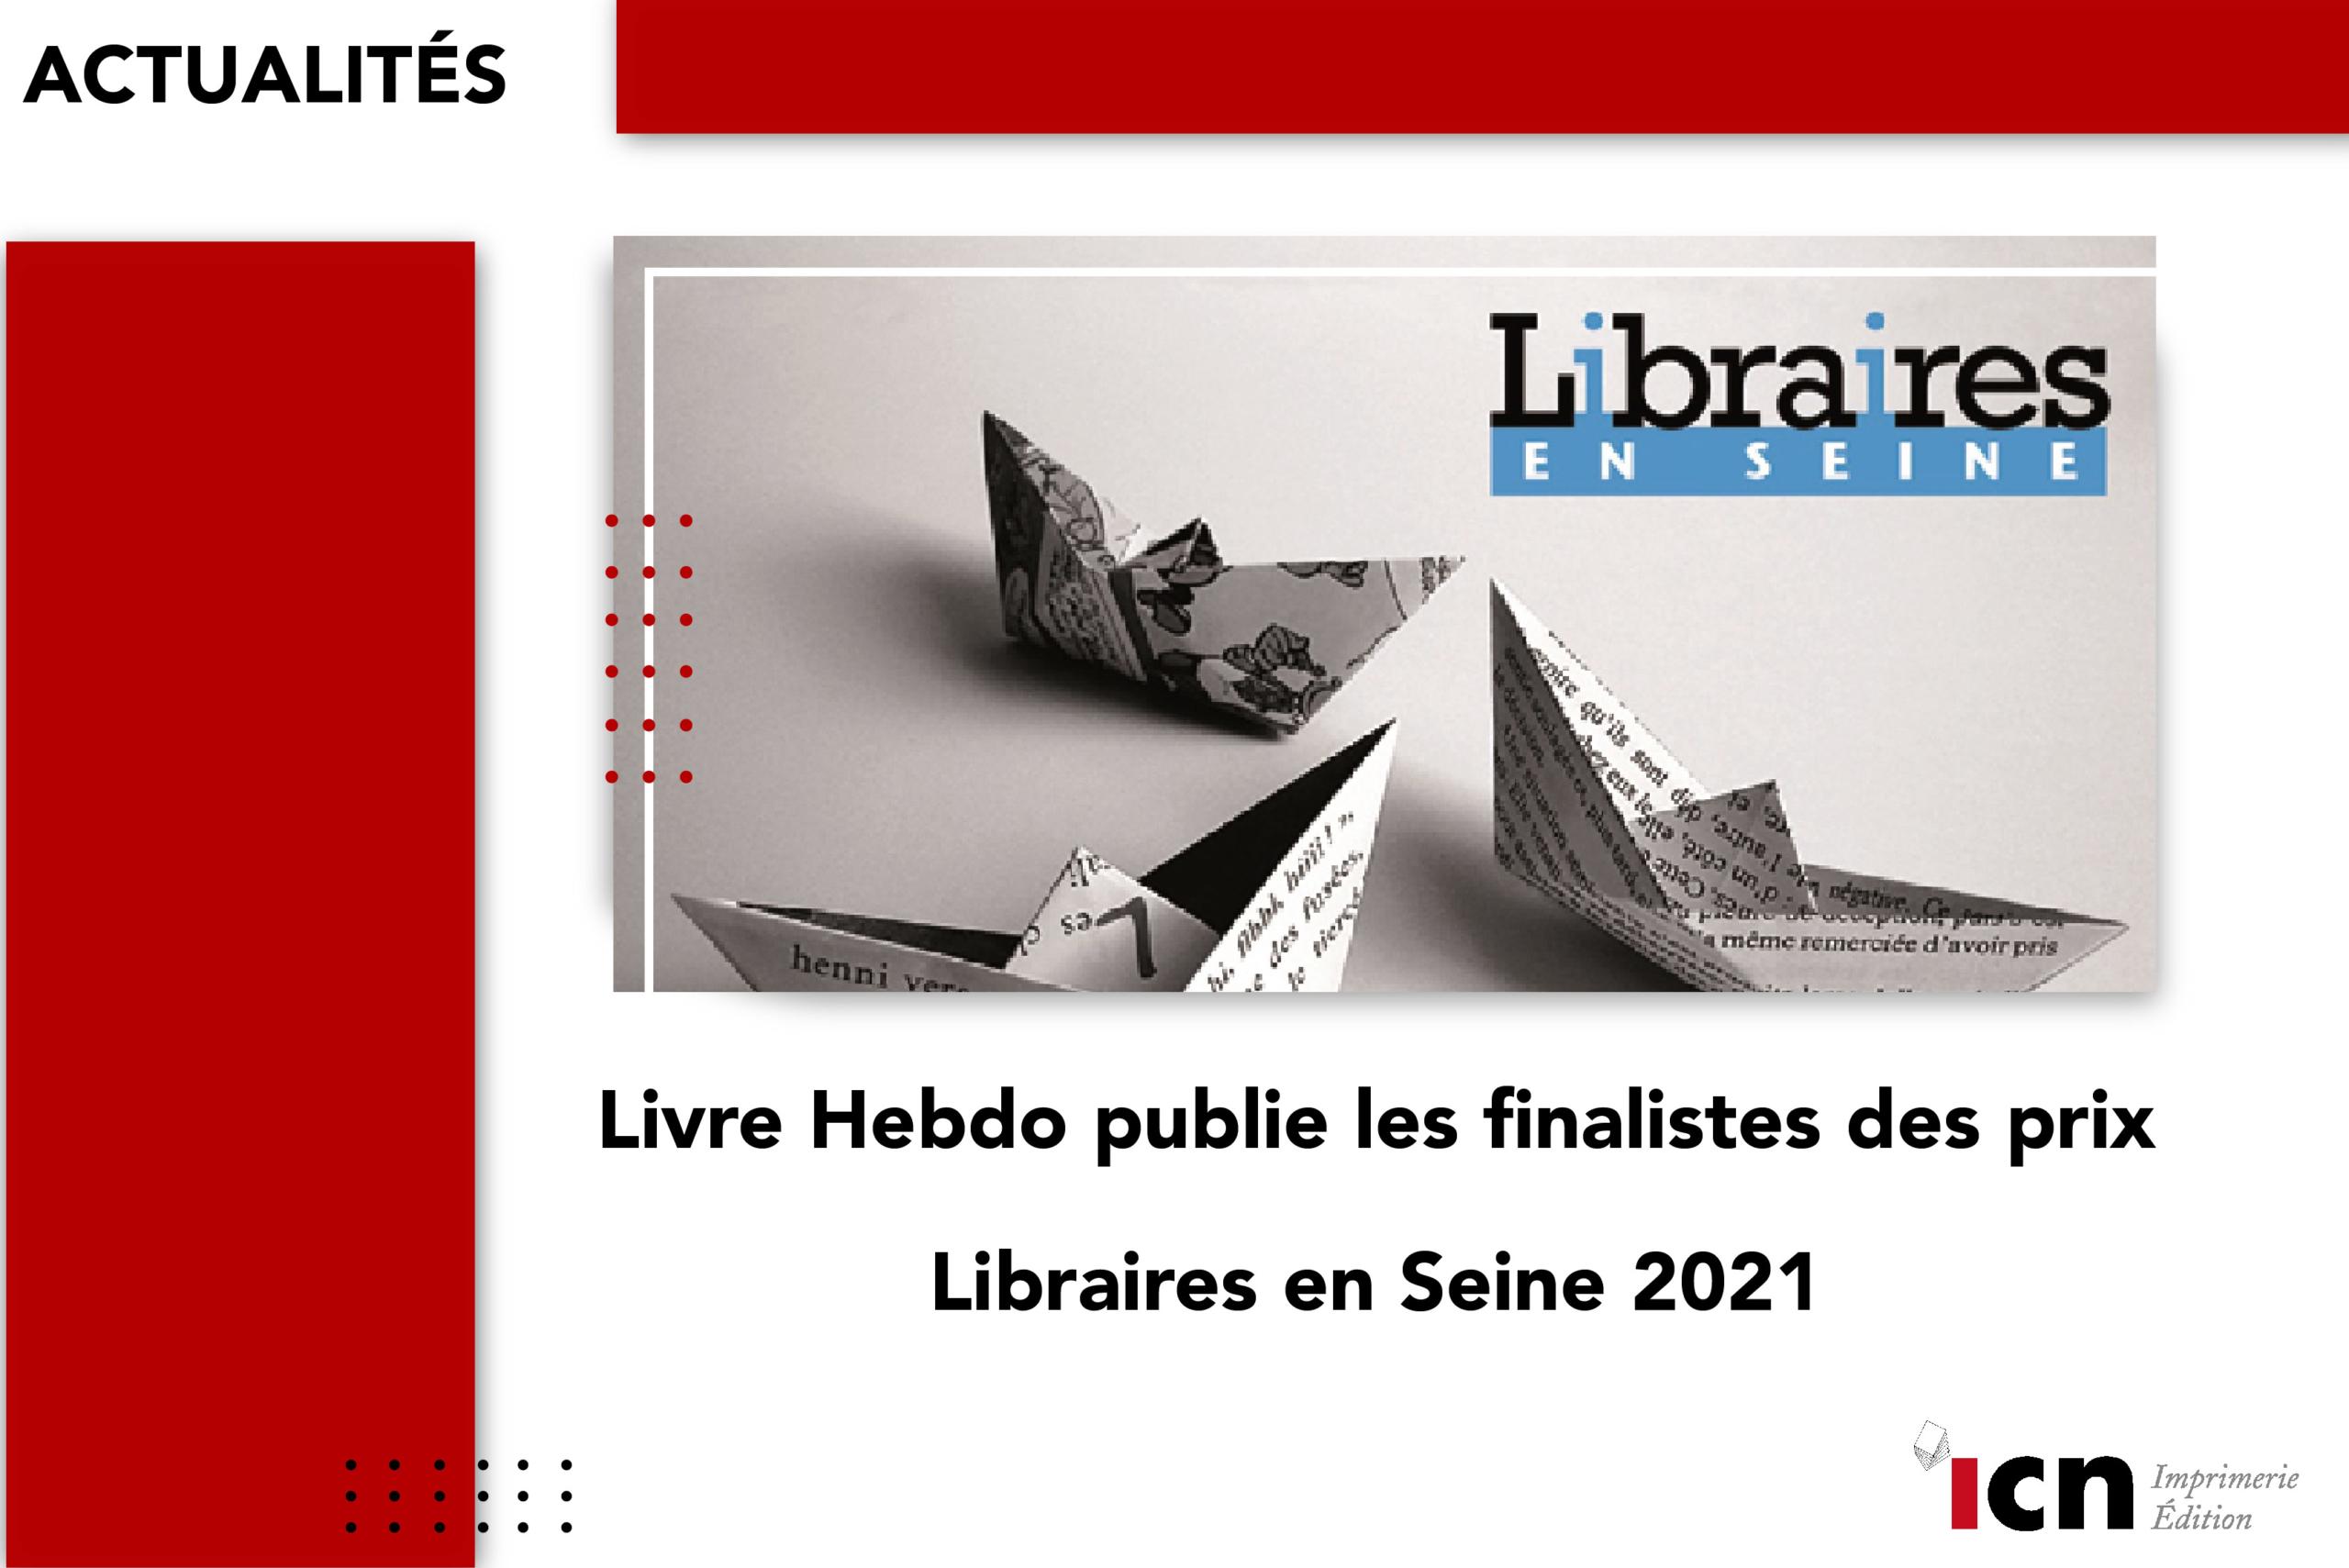 Diffusion des finalistes des prix Libraires en Seine 2021